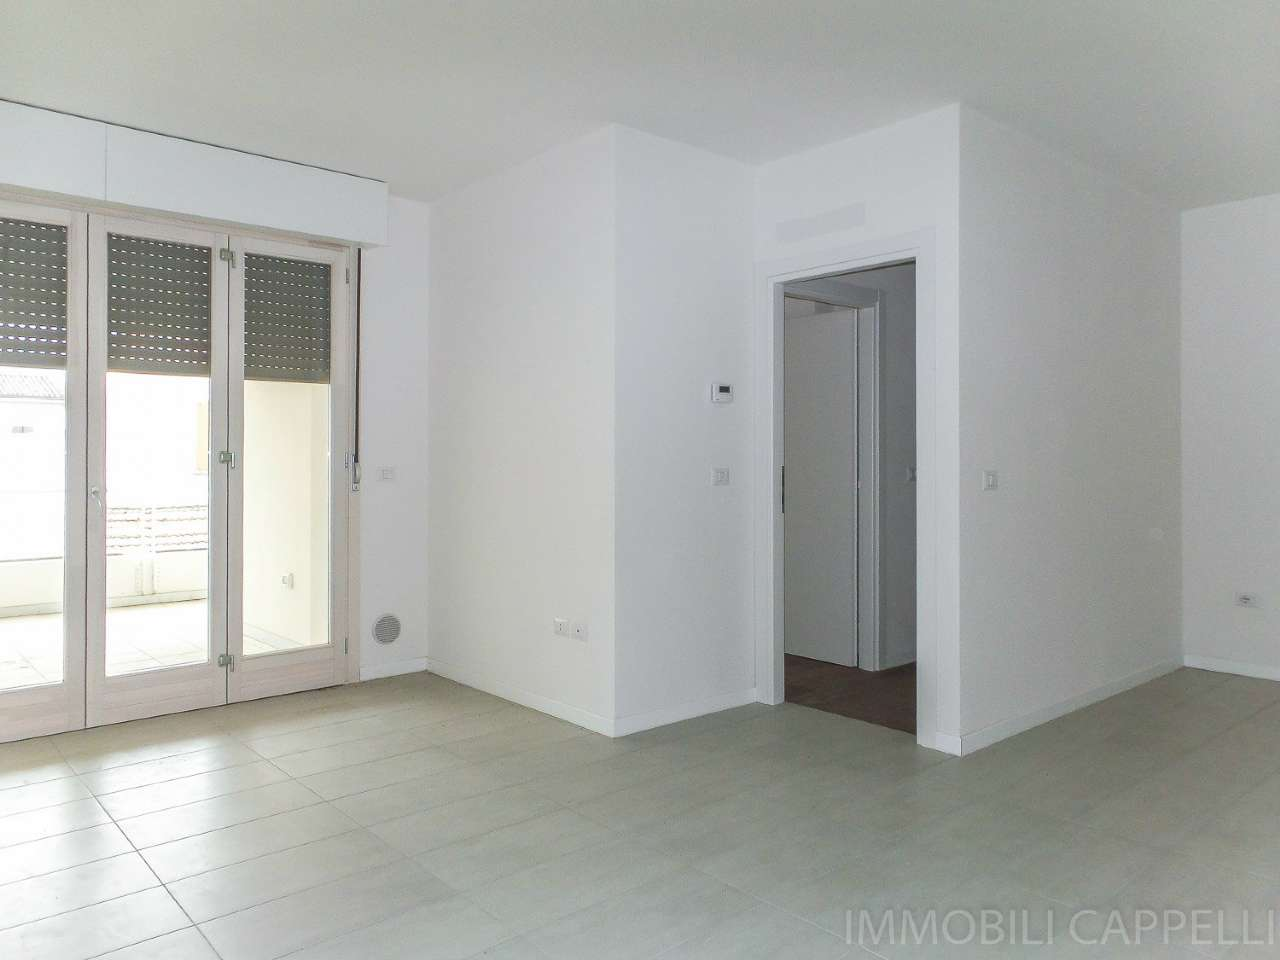 Appartamento in vendita a Cesena, 3 locali, prezzo € 149.000 | CambioCasa.it